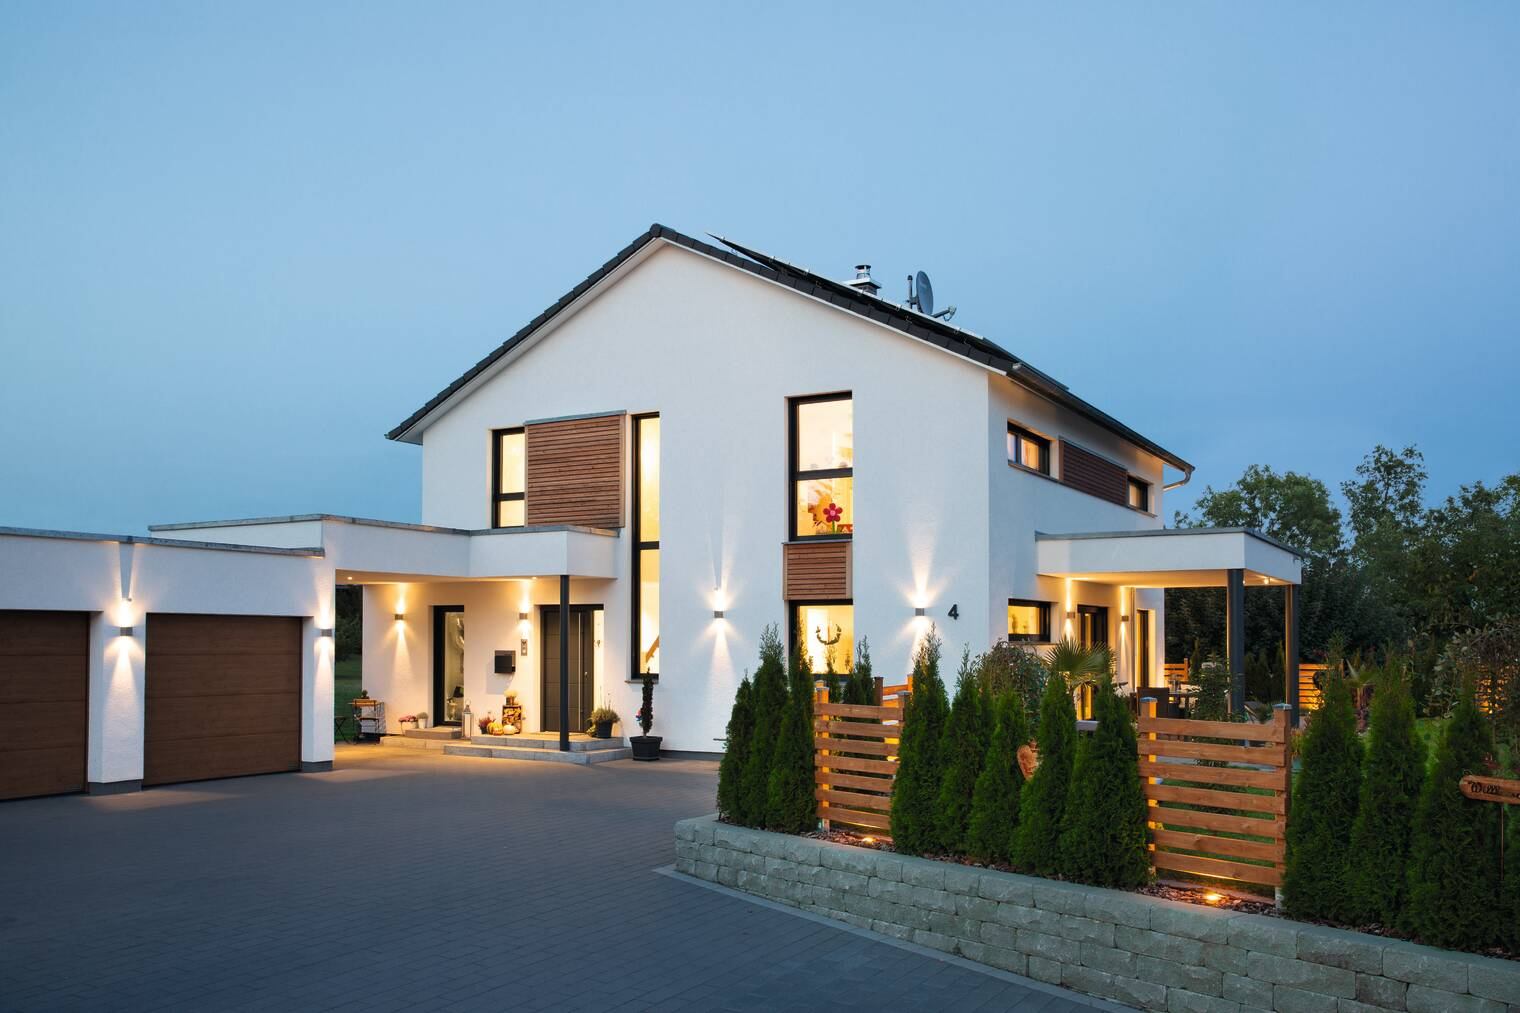 Einfamilienhaus in Abendstimmung